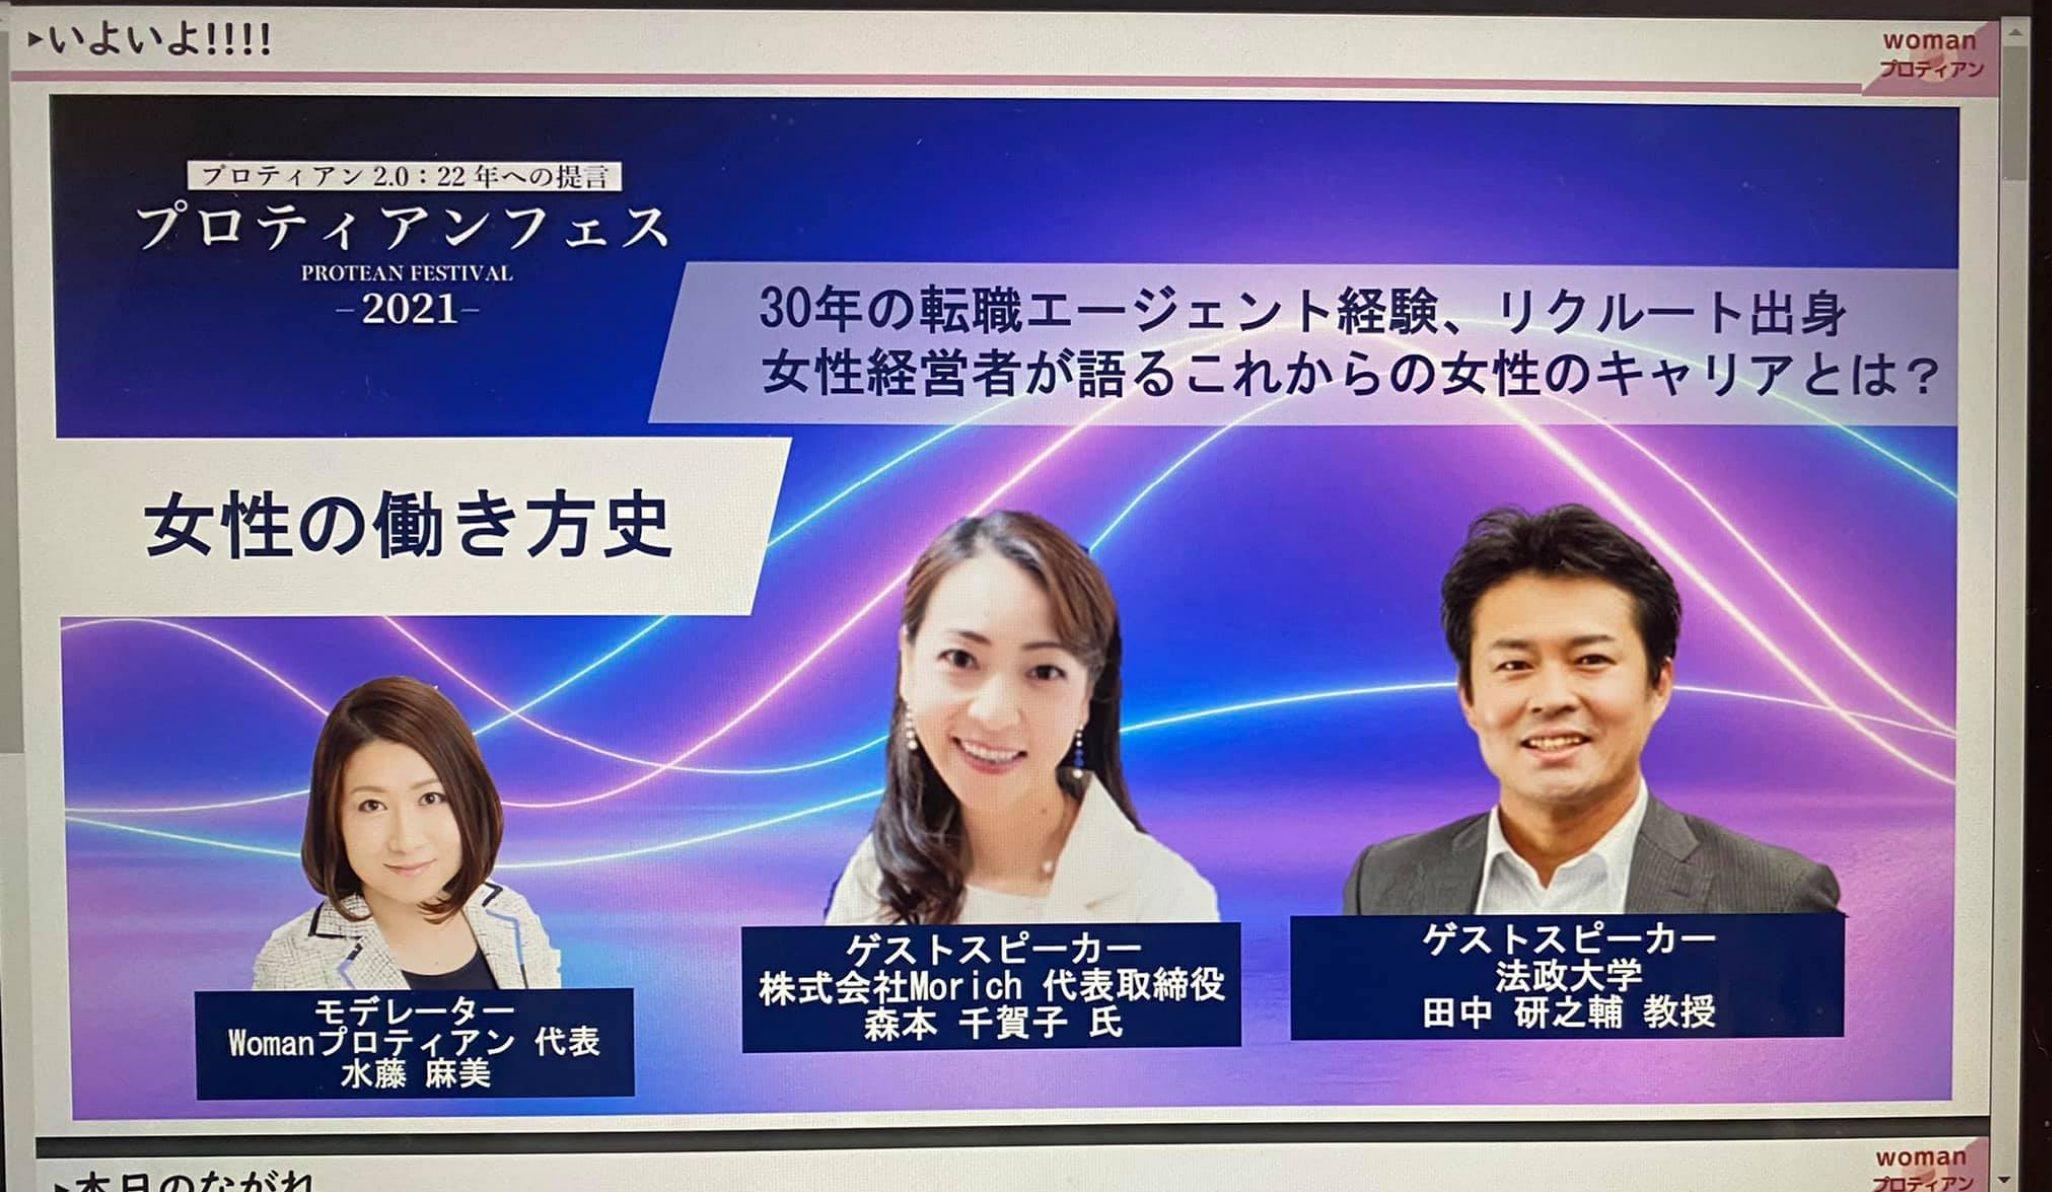 【プロティアンフェス~プロティアン2.0 22年への提言】2021/8/28